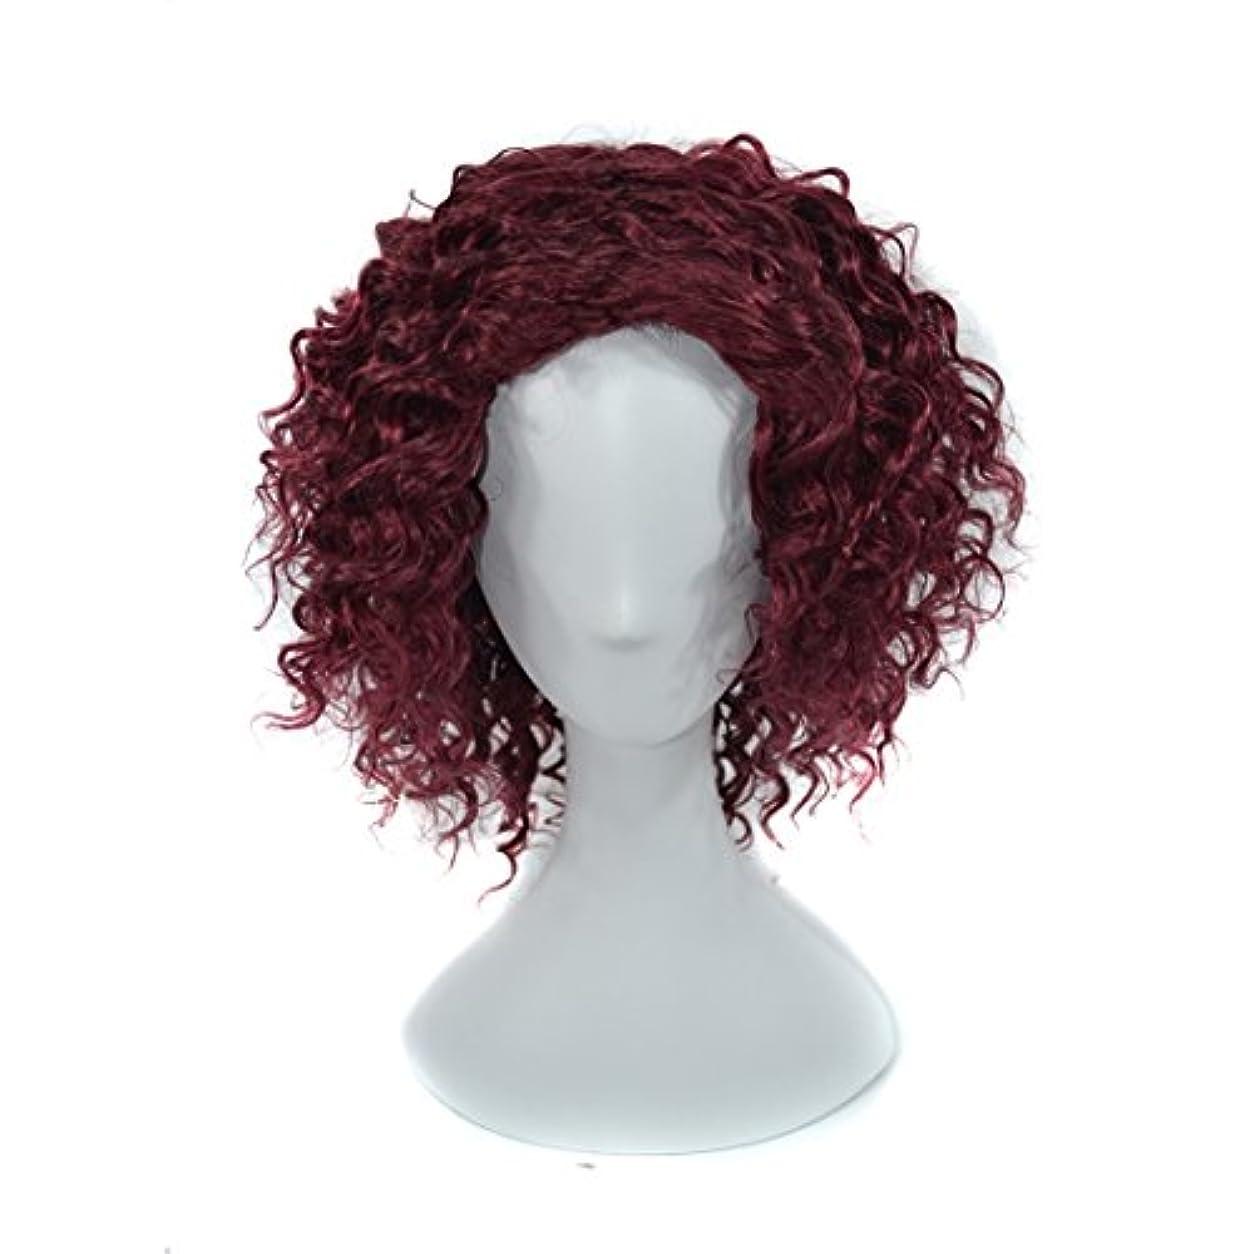 現実的煙化学者YOUQIU 女性の赤ワイン用16インチヒト小カーリーヘアは220グラムかつら合成デイリーウィッグ傾斜前髪で染色カーリーウィッグことはできません (色 : Red wine)